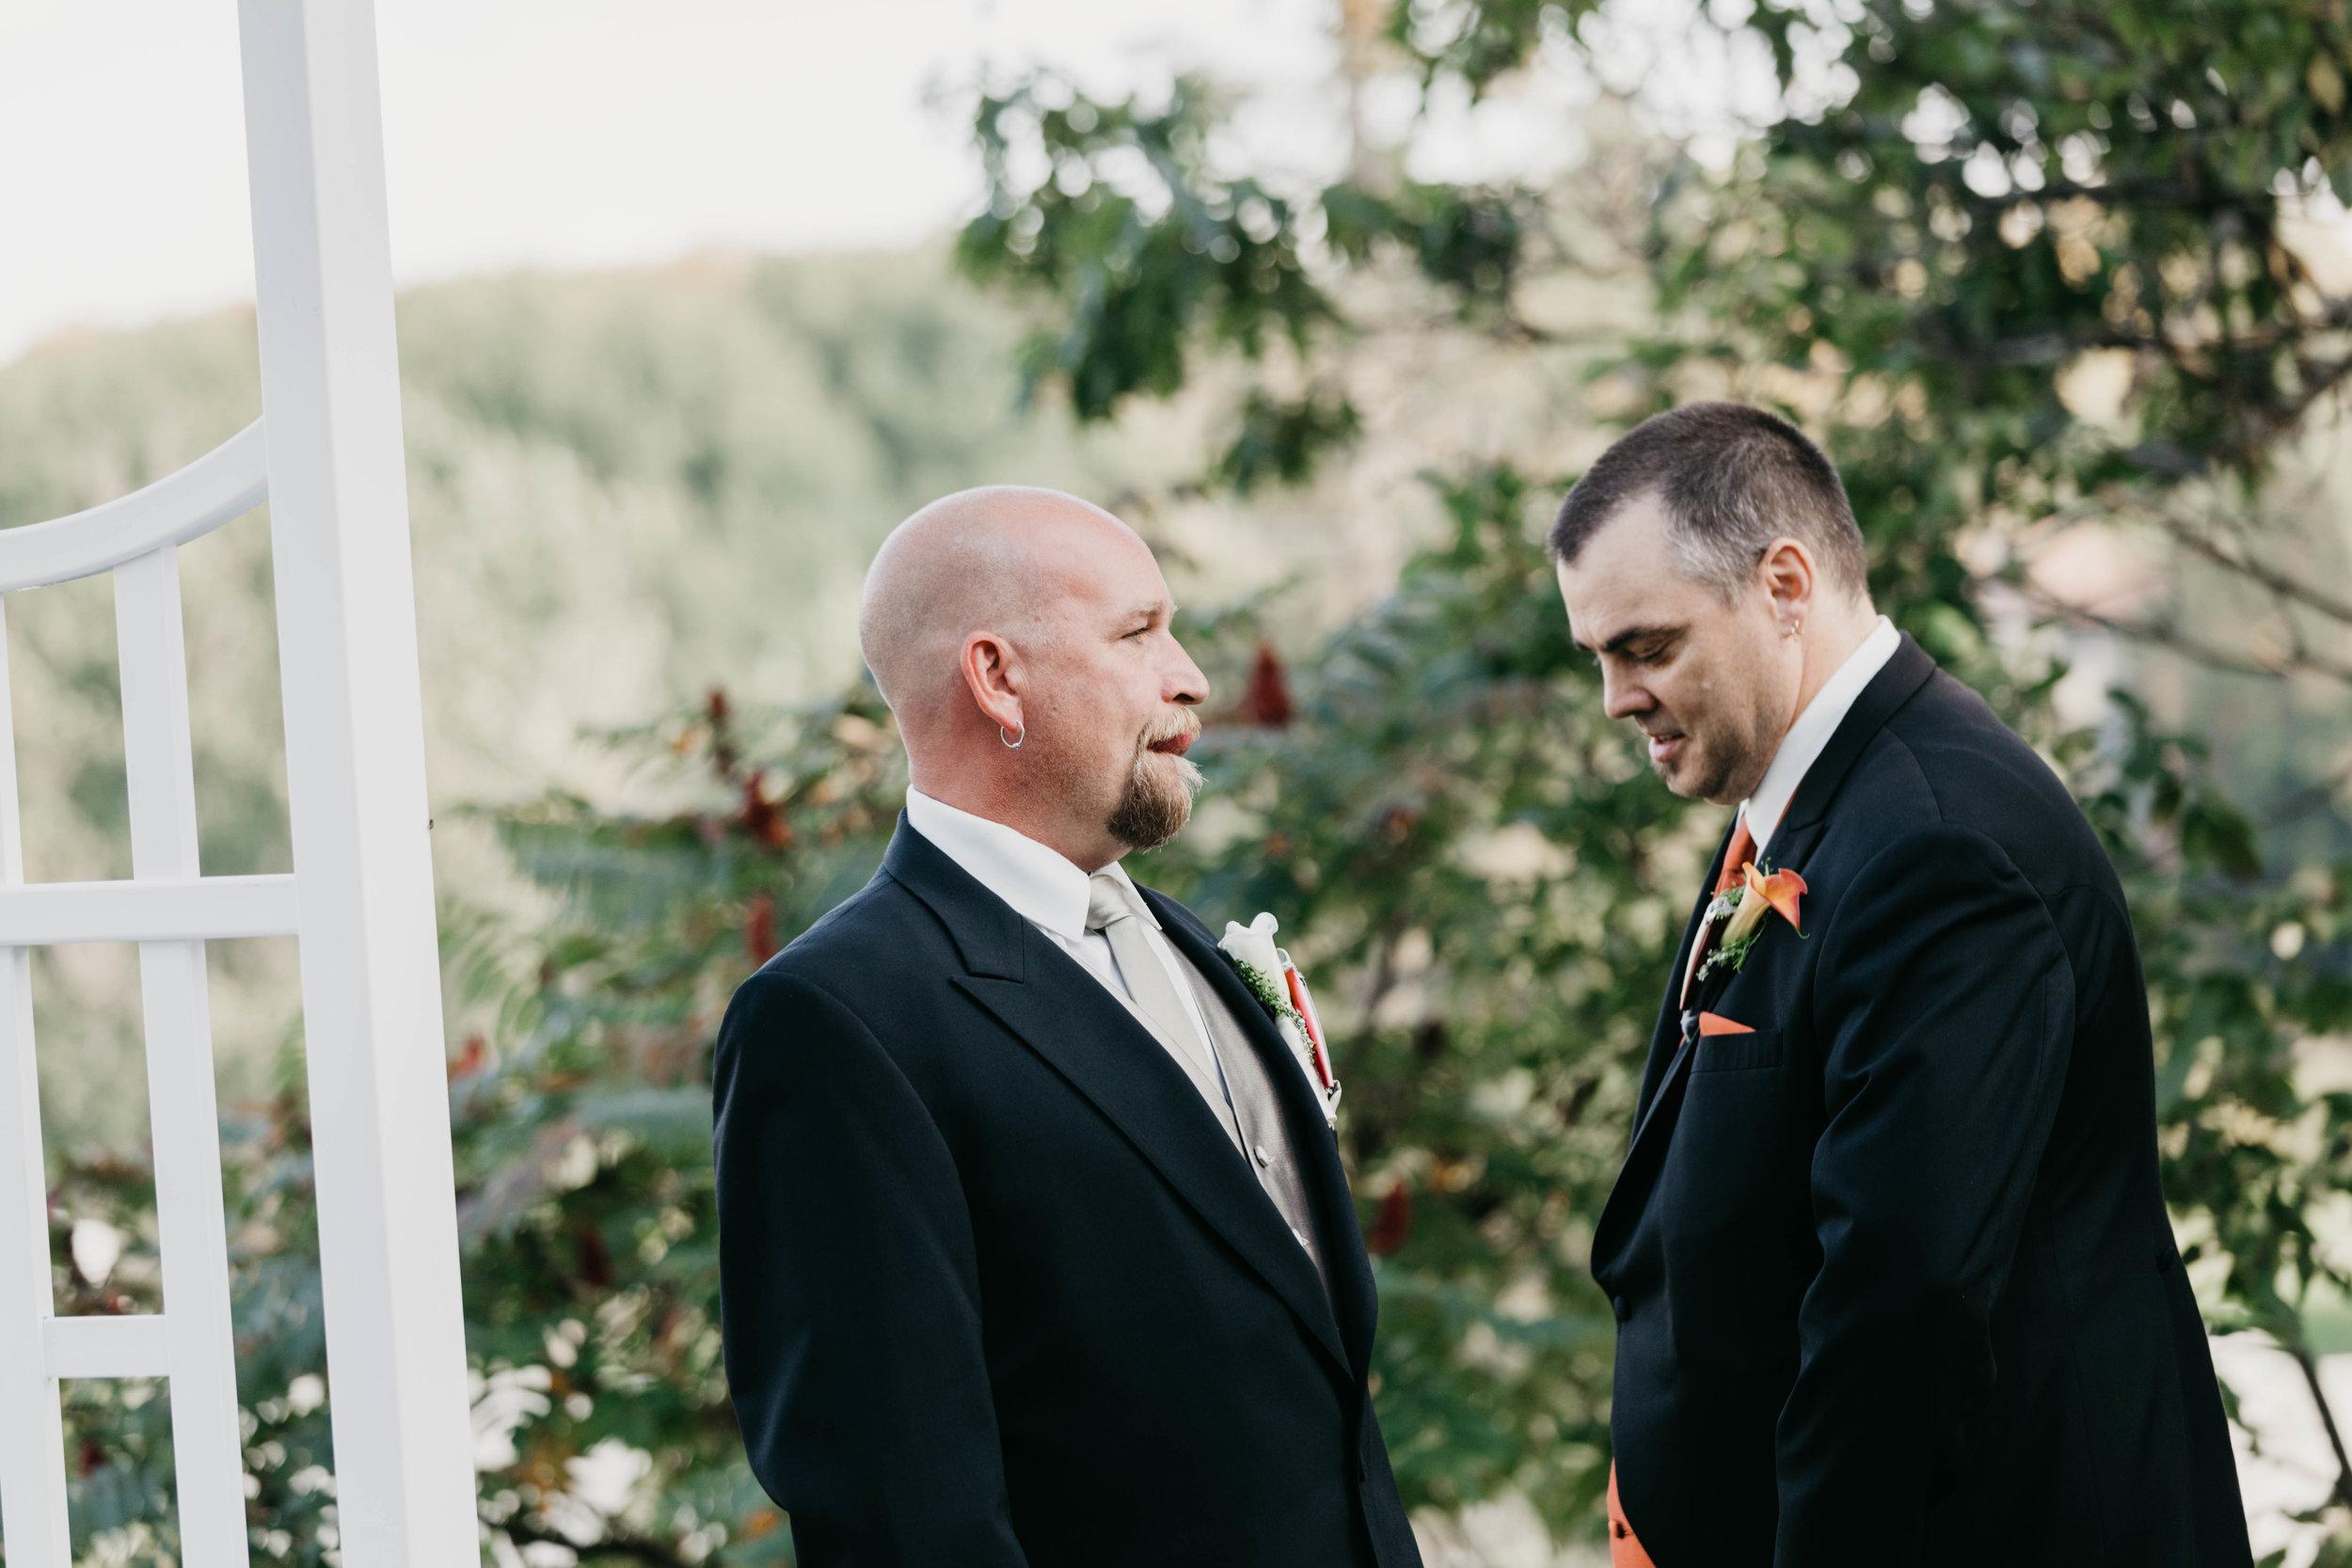 T&I_Ceremony_Wedding-378.jpg